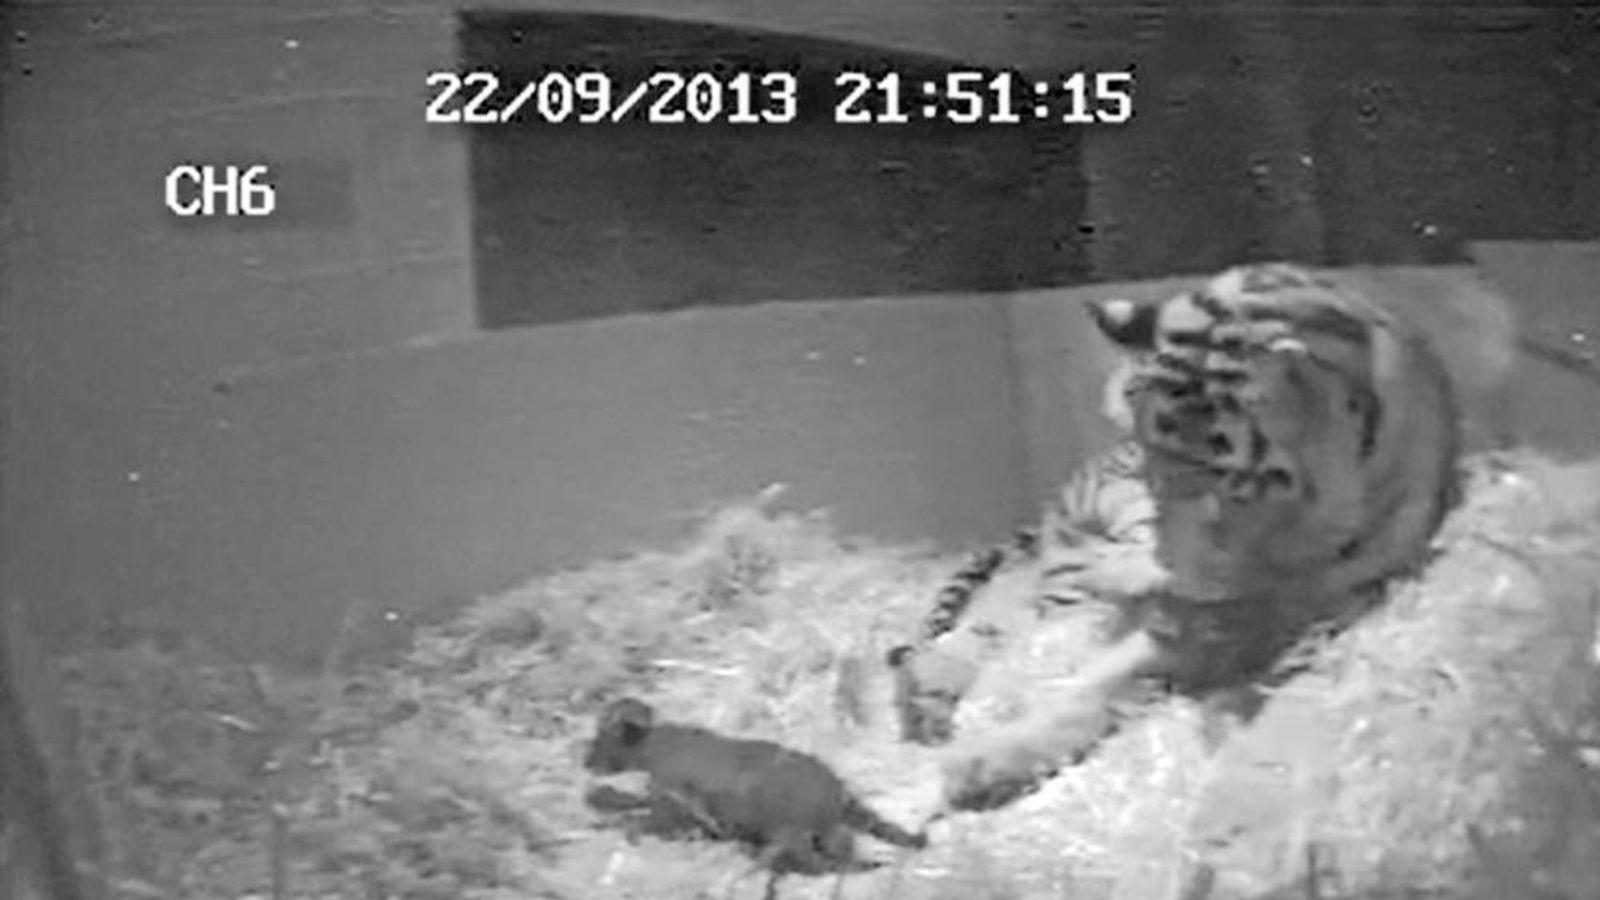 A Sumatran tiger cub is born at London Zoo